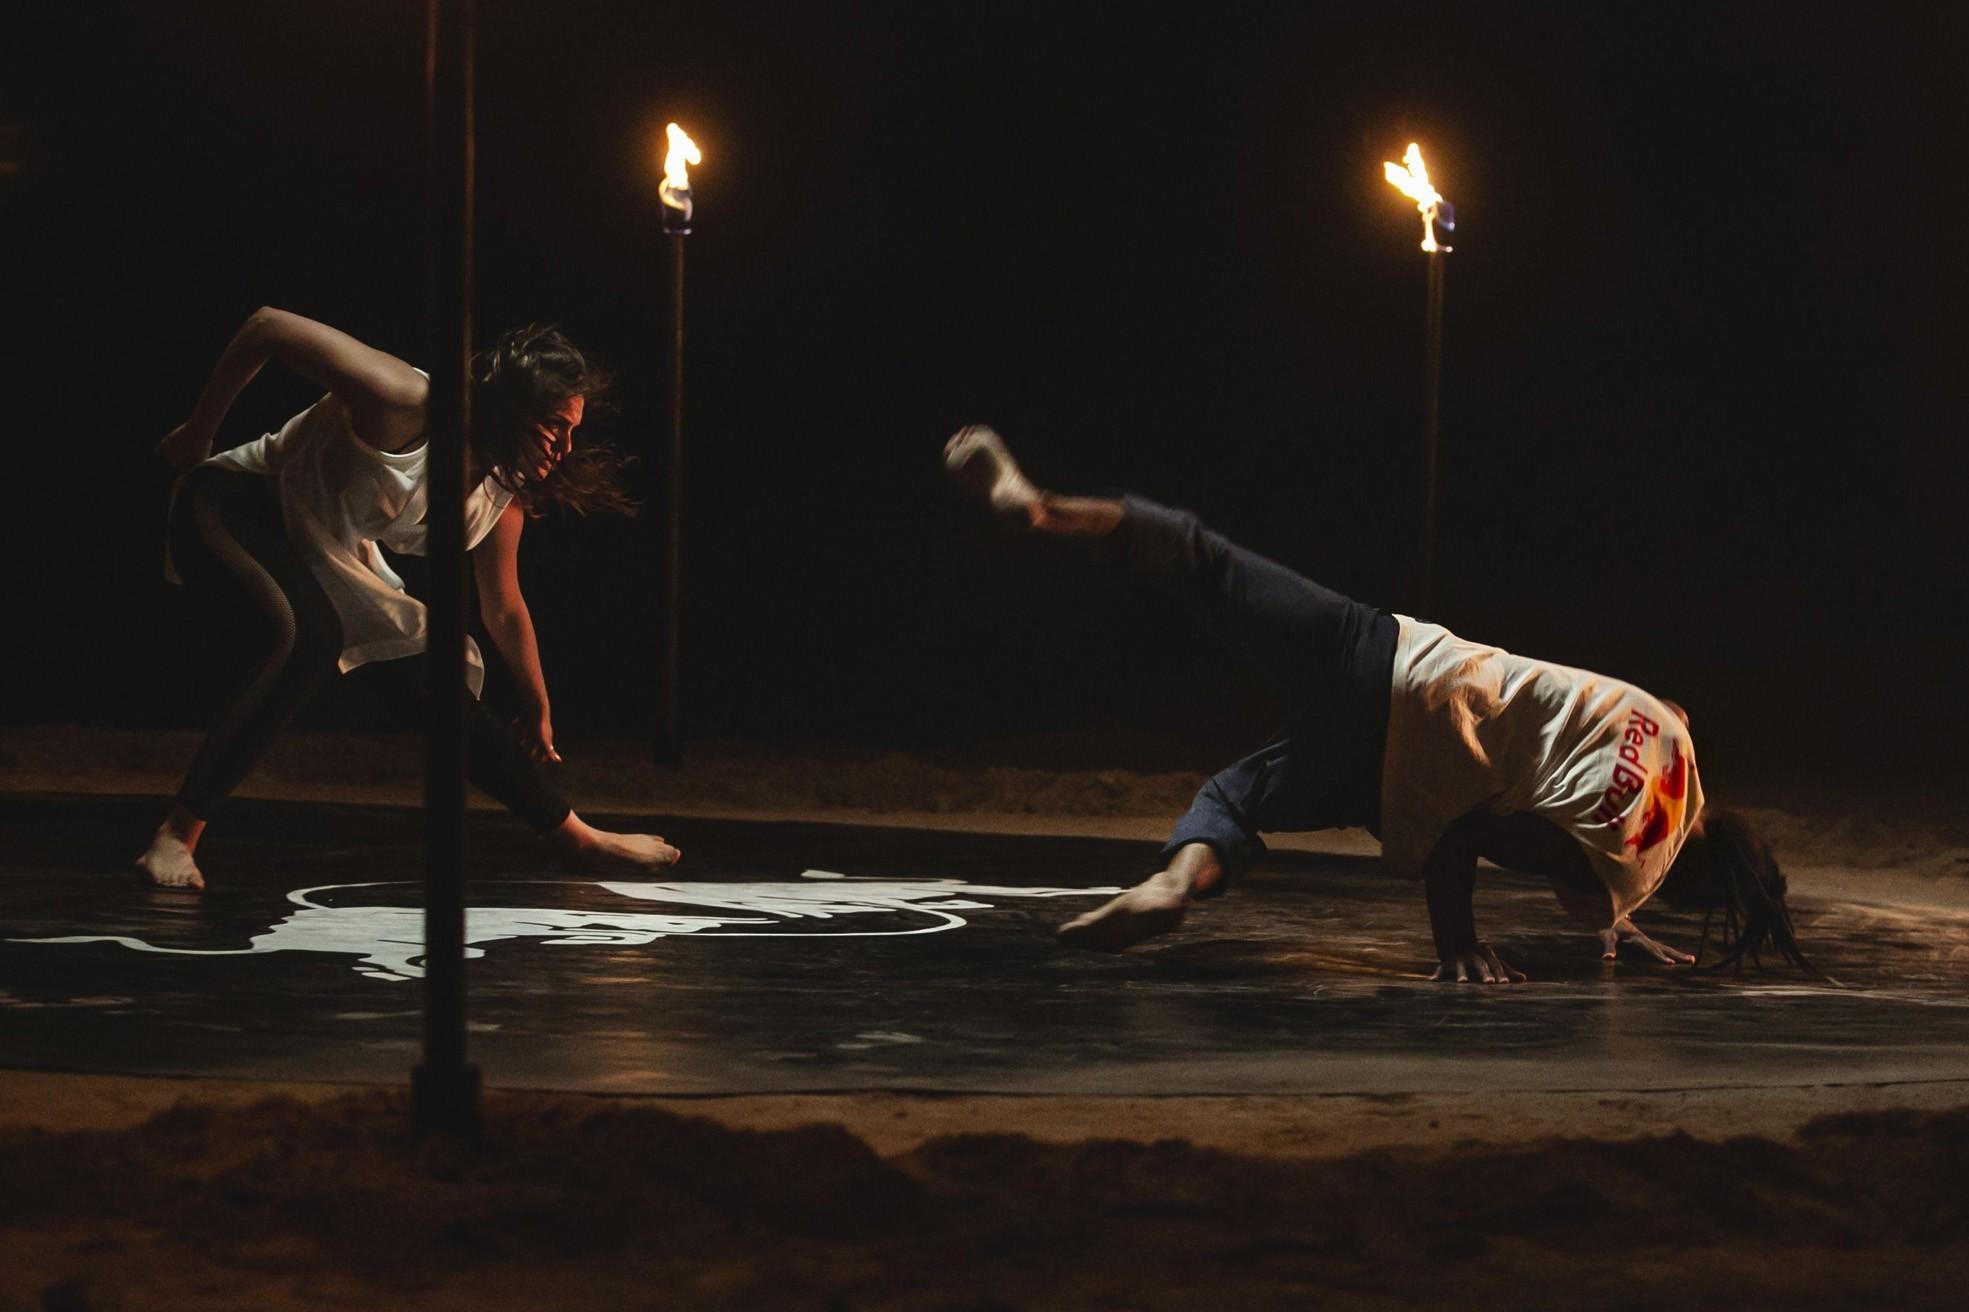 A scene from the u201cFour Seasonsu201d dance show, directed by Yaman Okur.